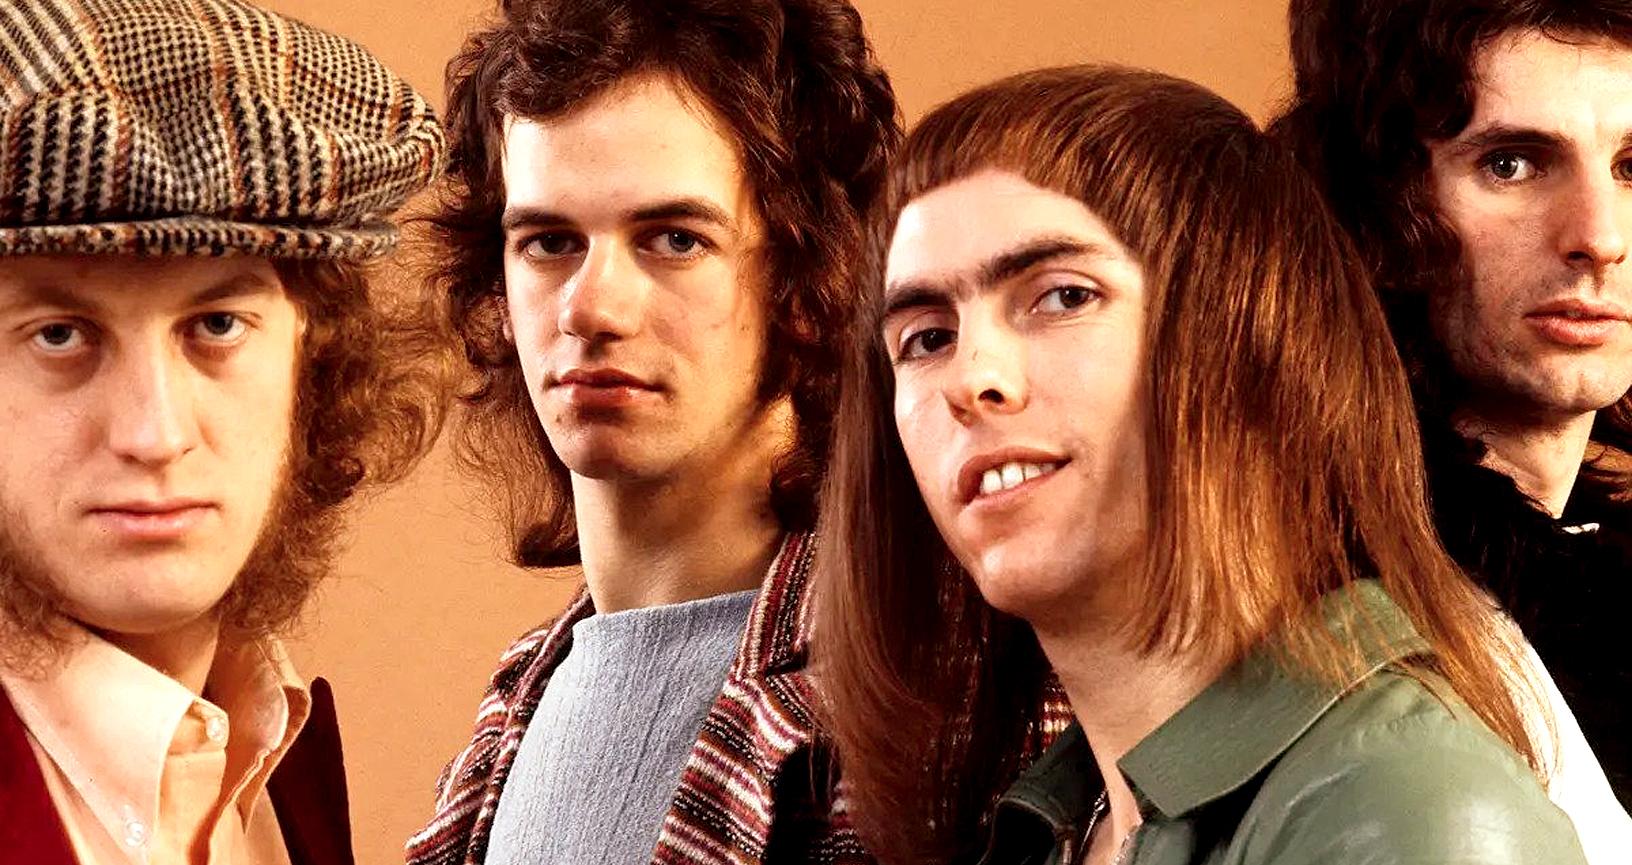 Slade - In concert - 1973